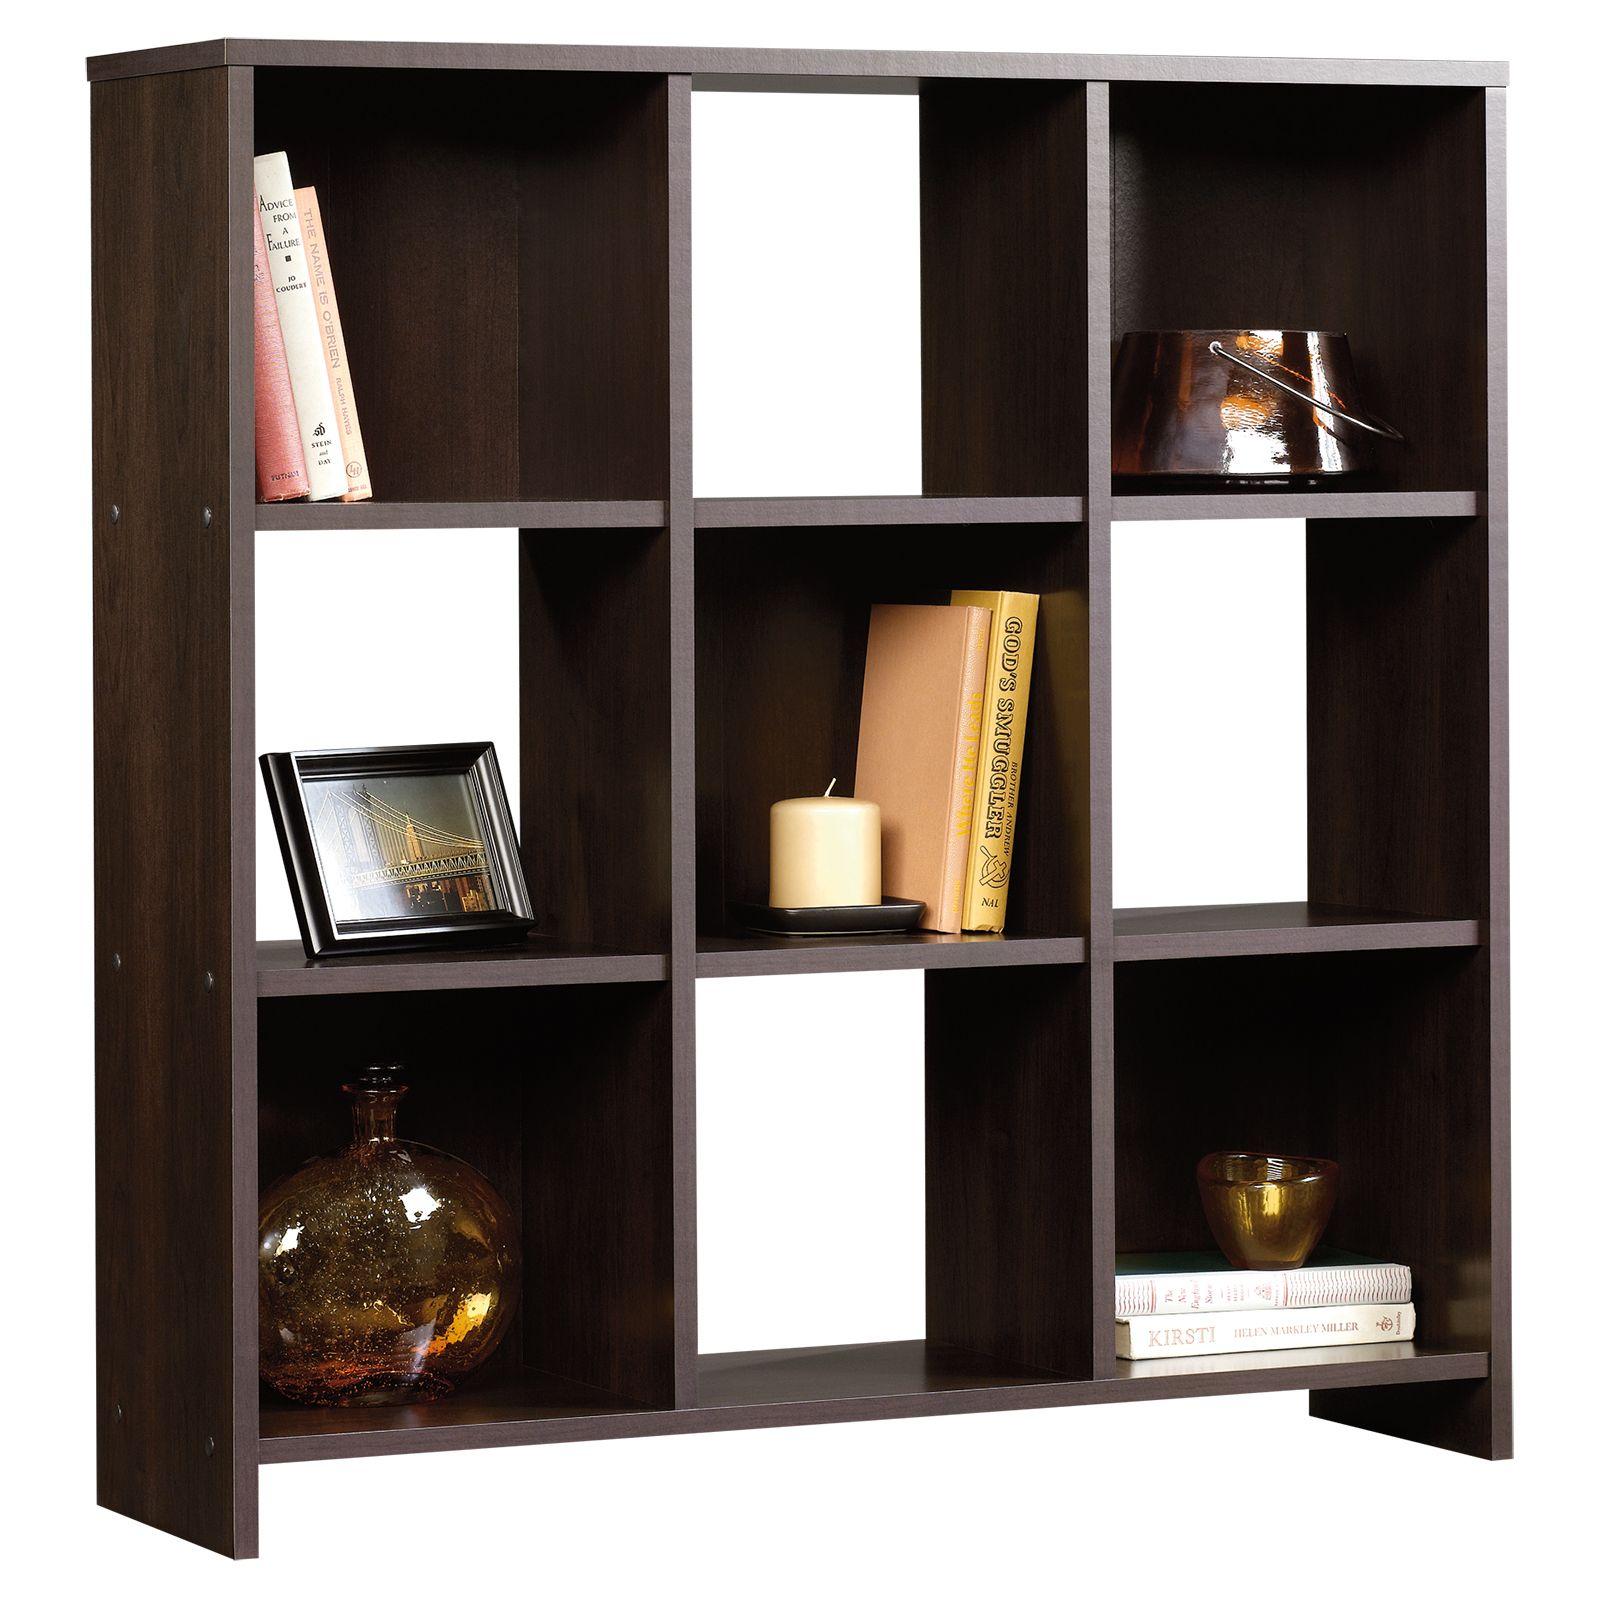 bookcase cinnamon cherry beginnings spon - Sauder Bookshelves